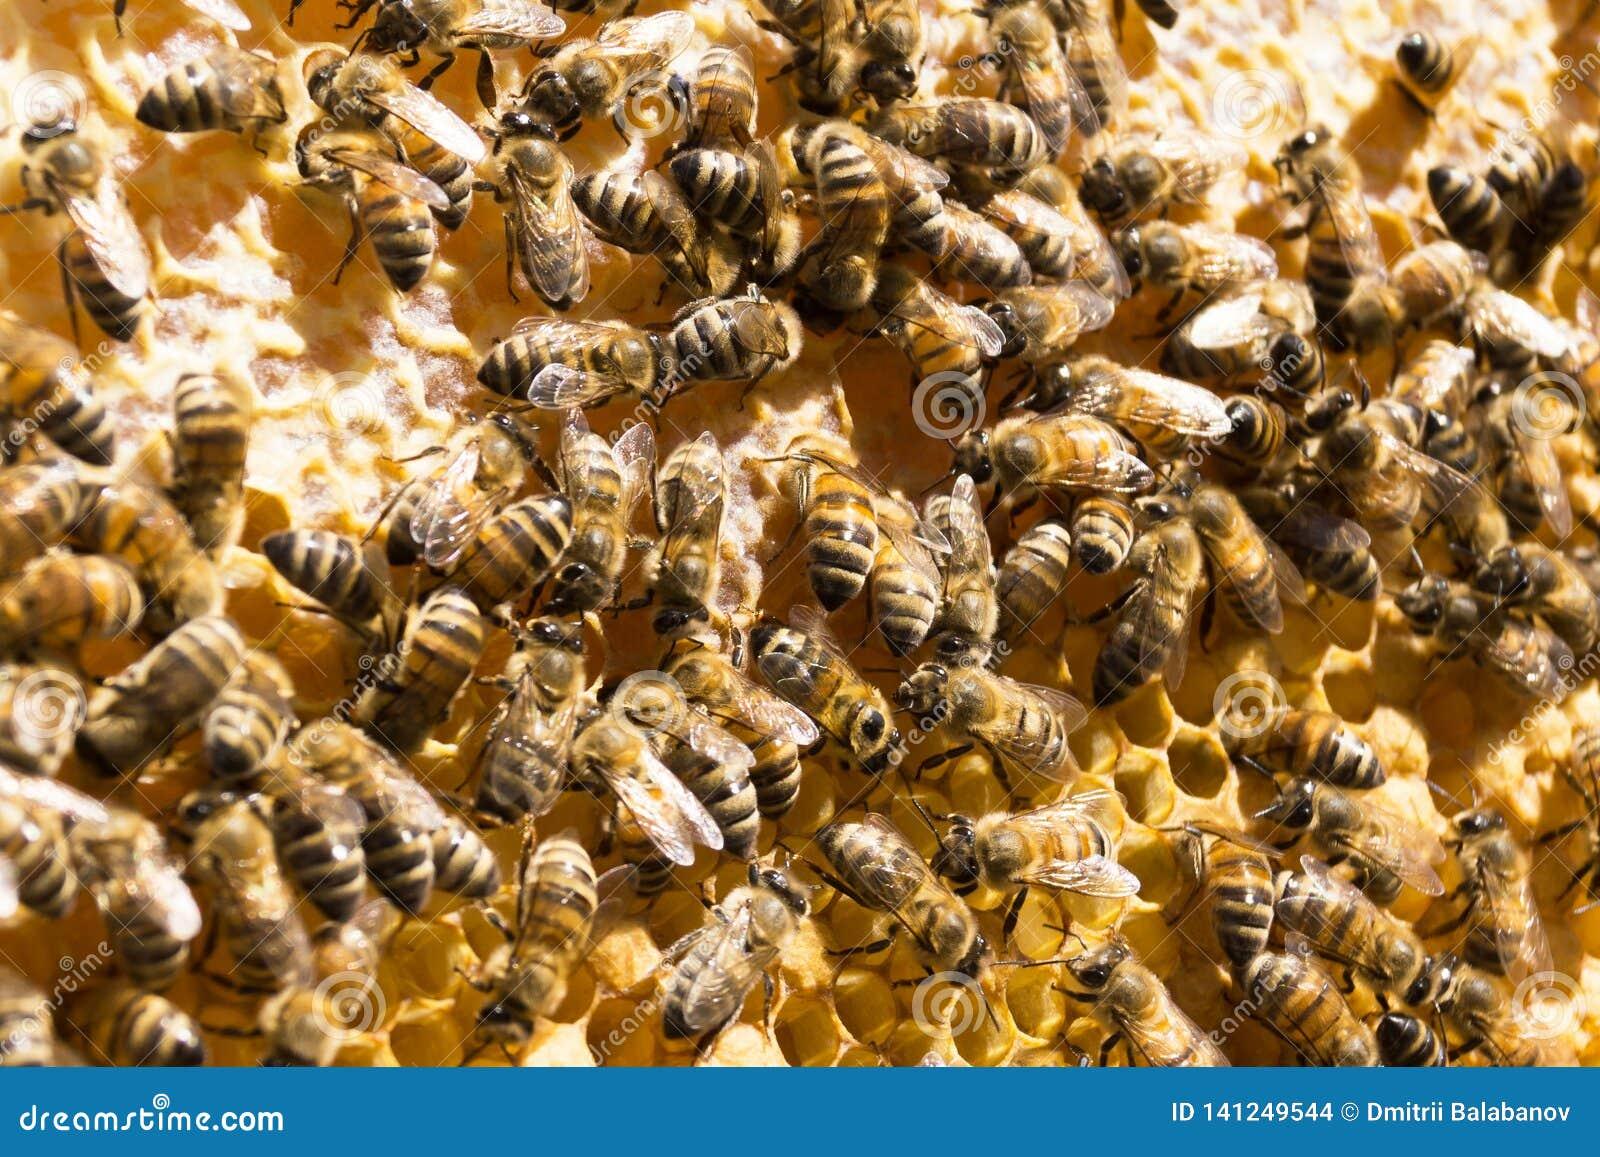 Abelhas no favo de mel com mel beekeeping Imagem de fundo